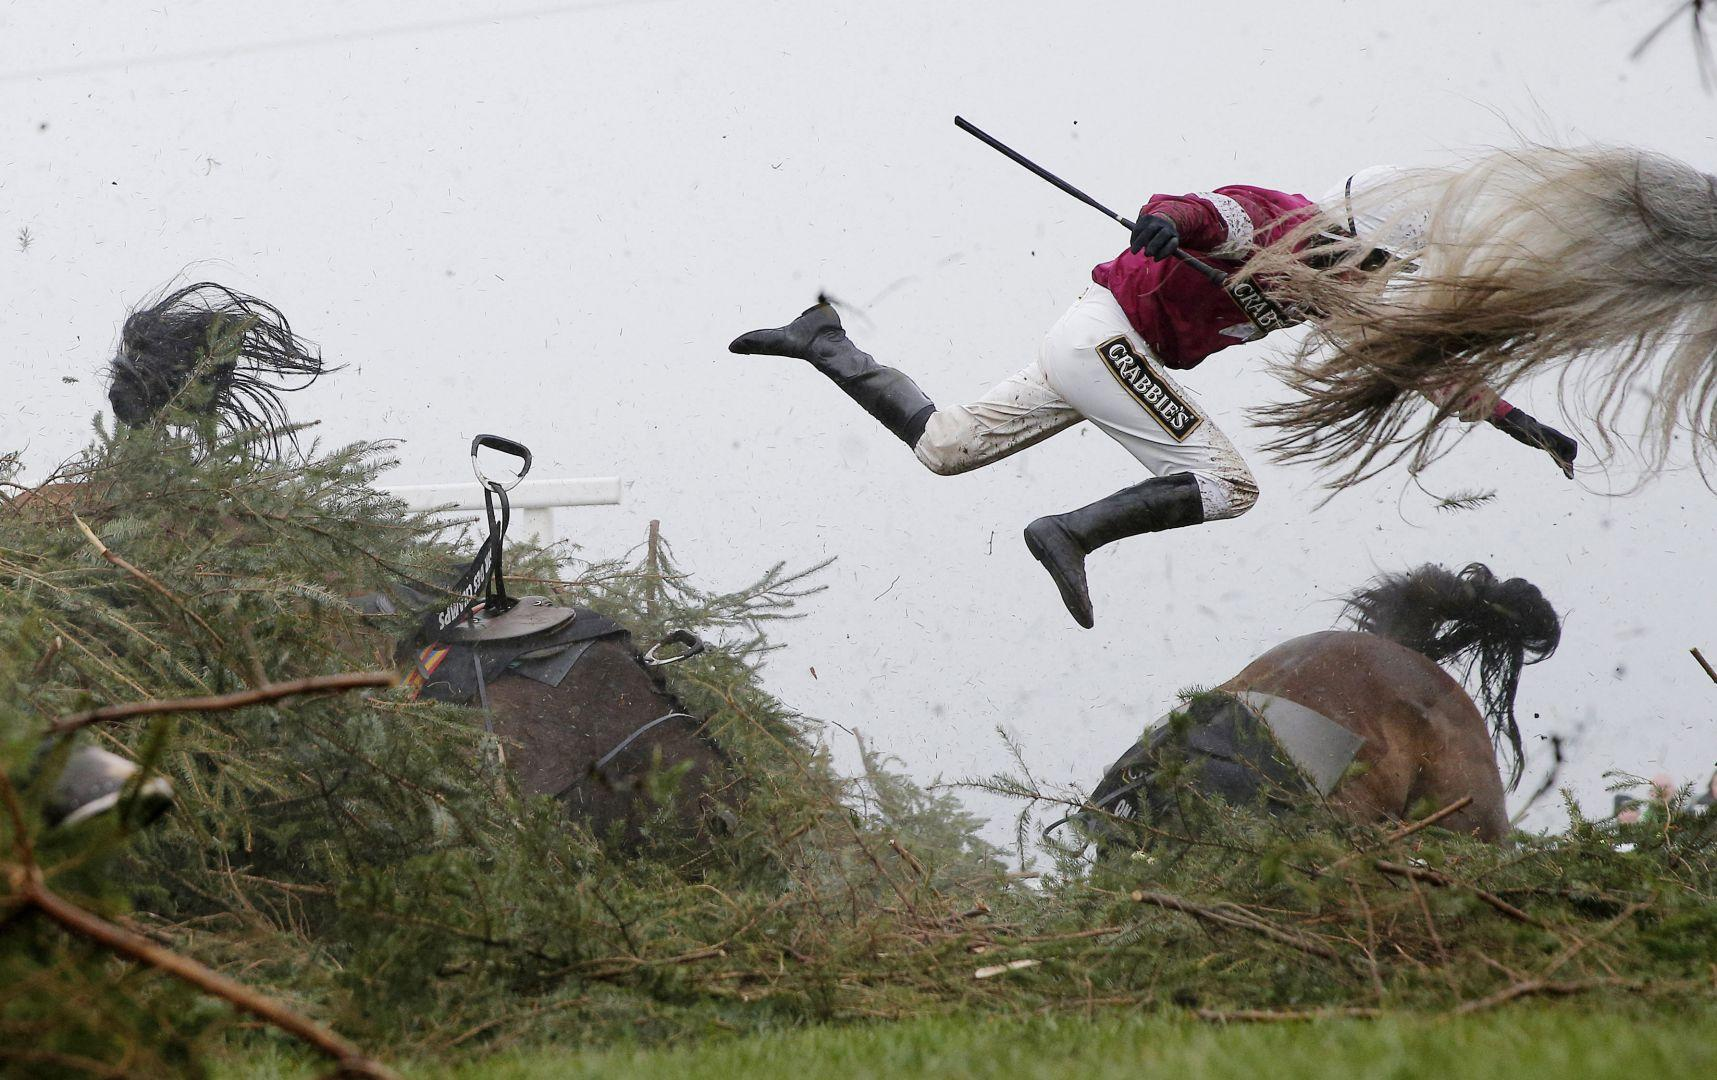 Великая национальная скачка, © Том Дженкинс, Великобритания, Фотоконкурс World Press Photo